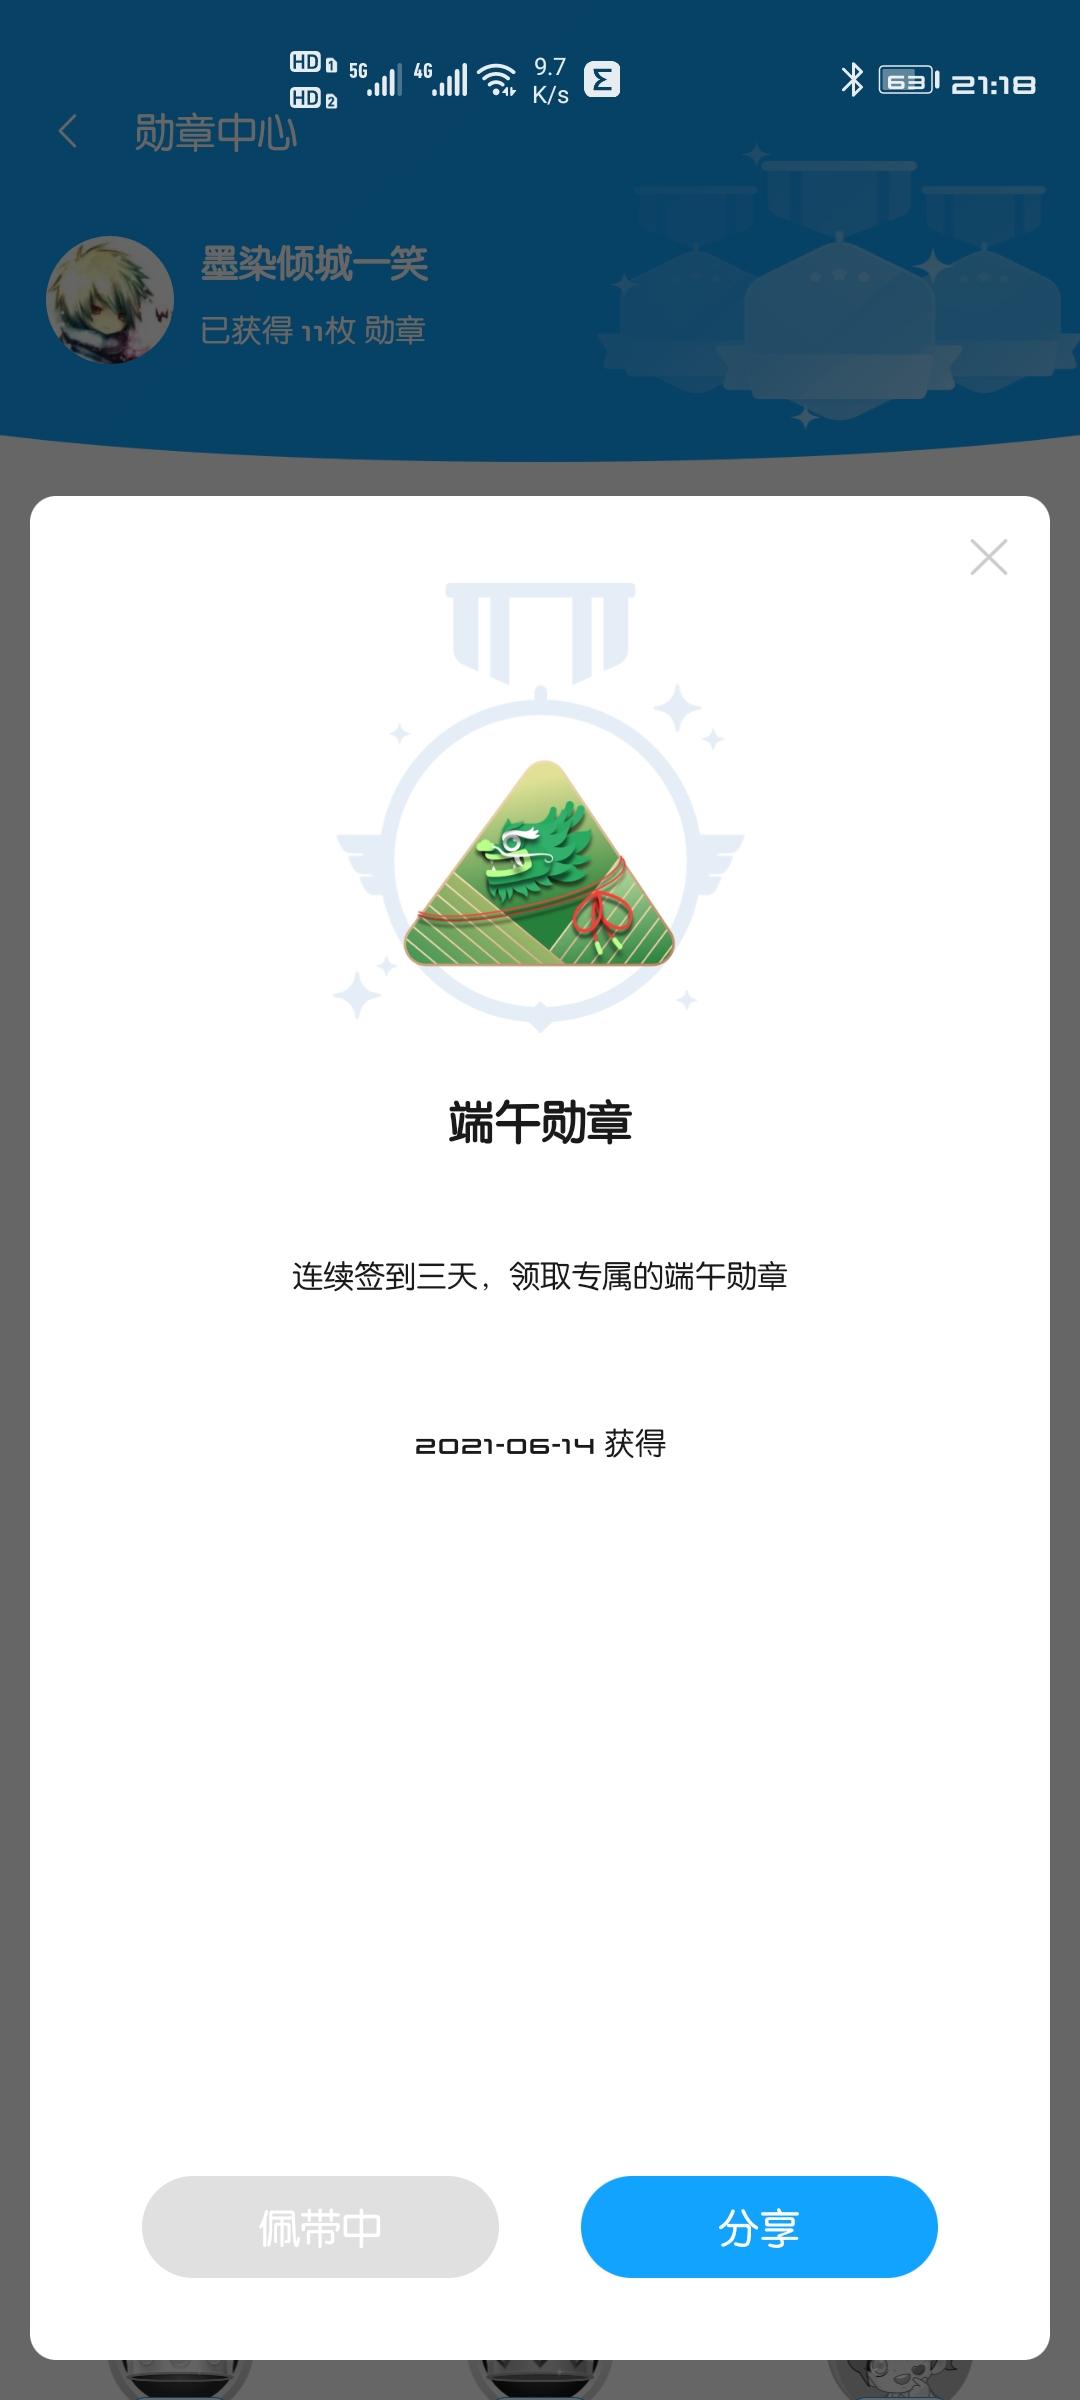 Screenshot_20210614_211802_com.huawei.fans.jpg